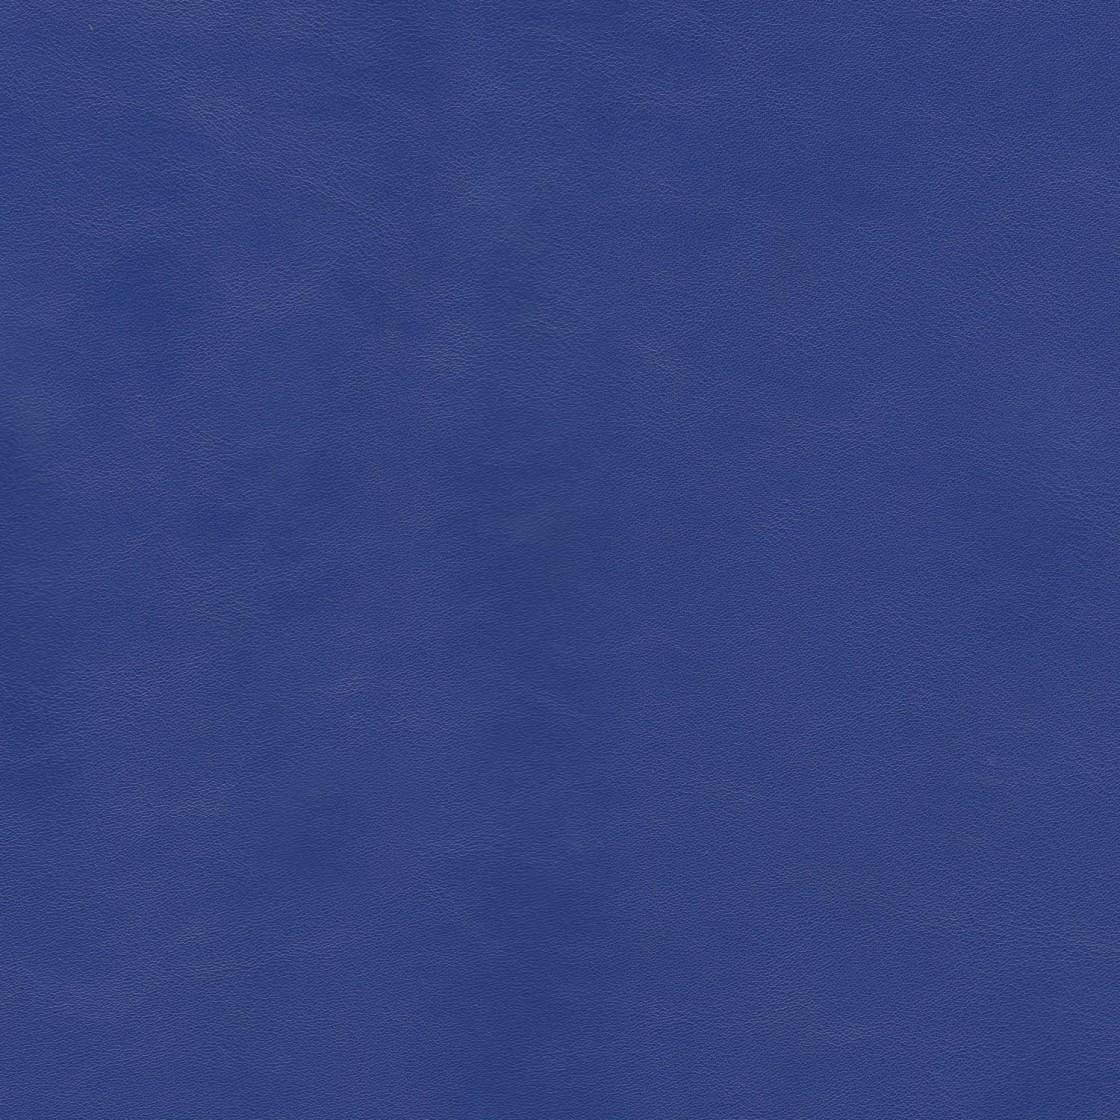 Nappaline 11/13 - Pleine Fleur, Nappa, 23 coloris, lisse et perforé